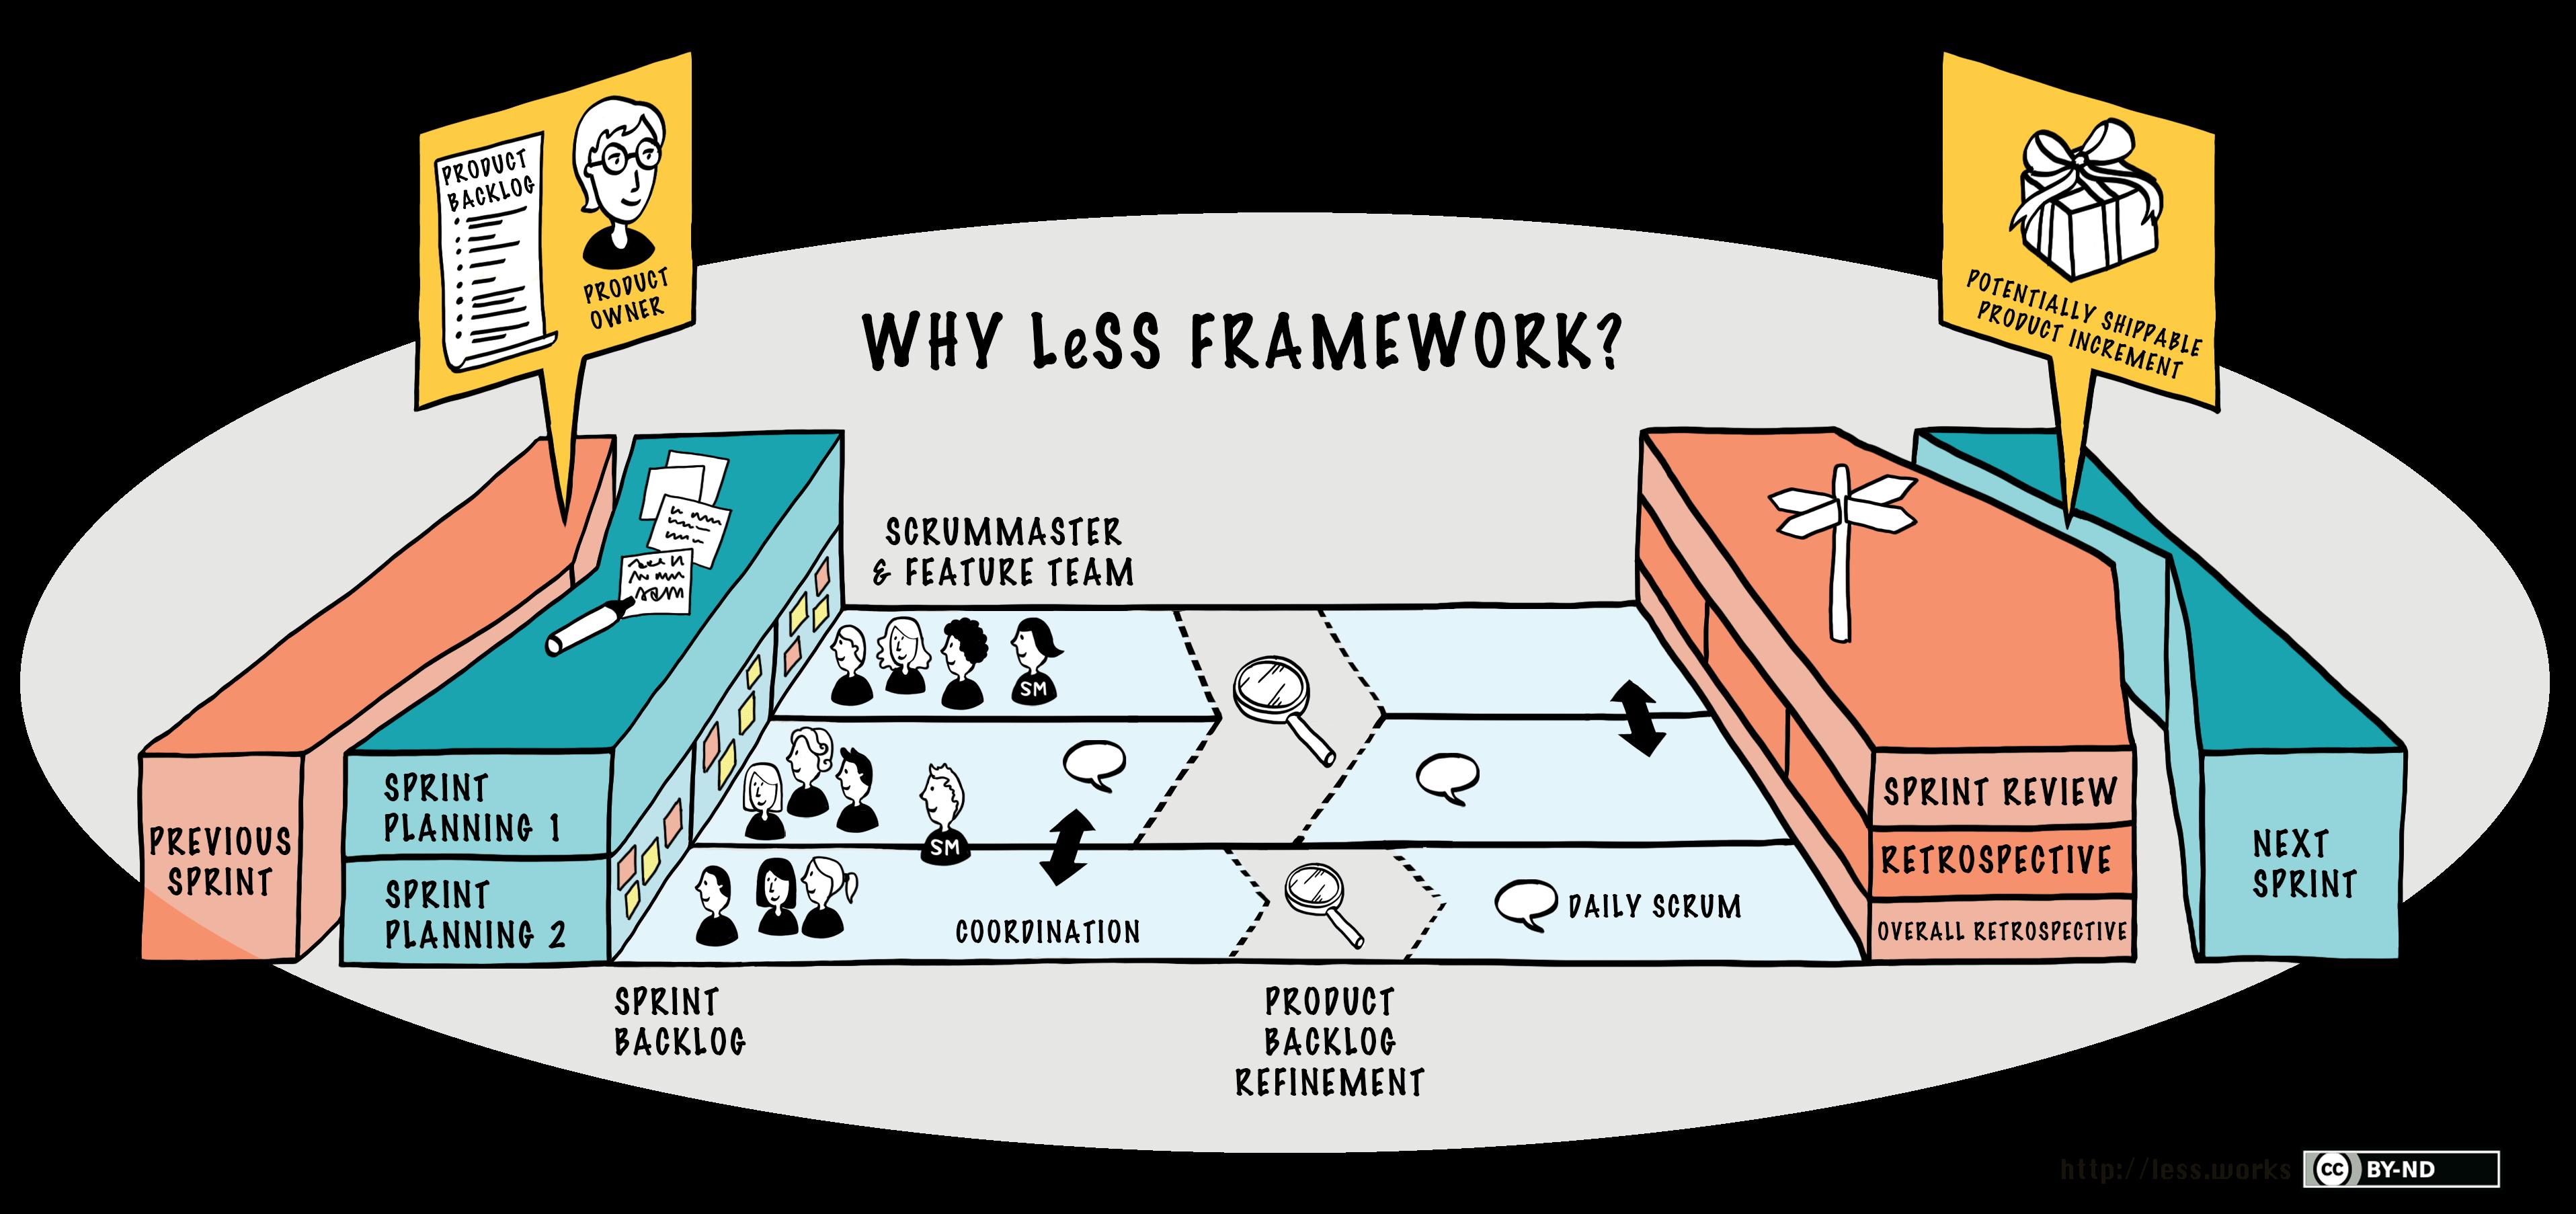 说明为什么要减少框架